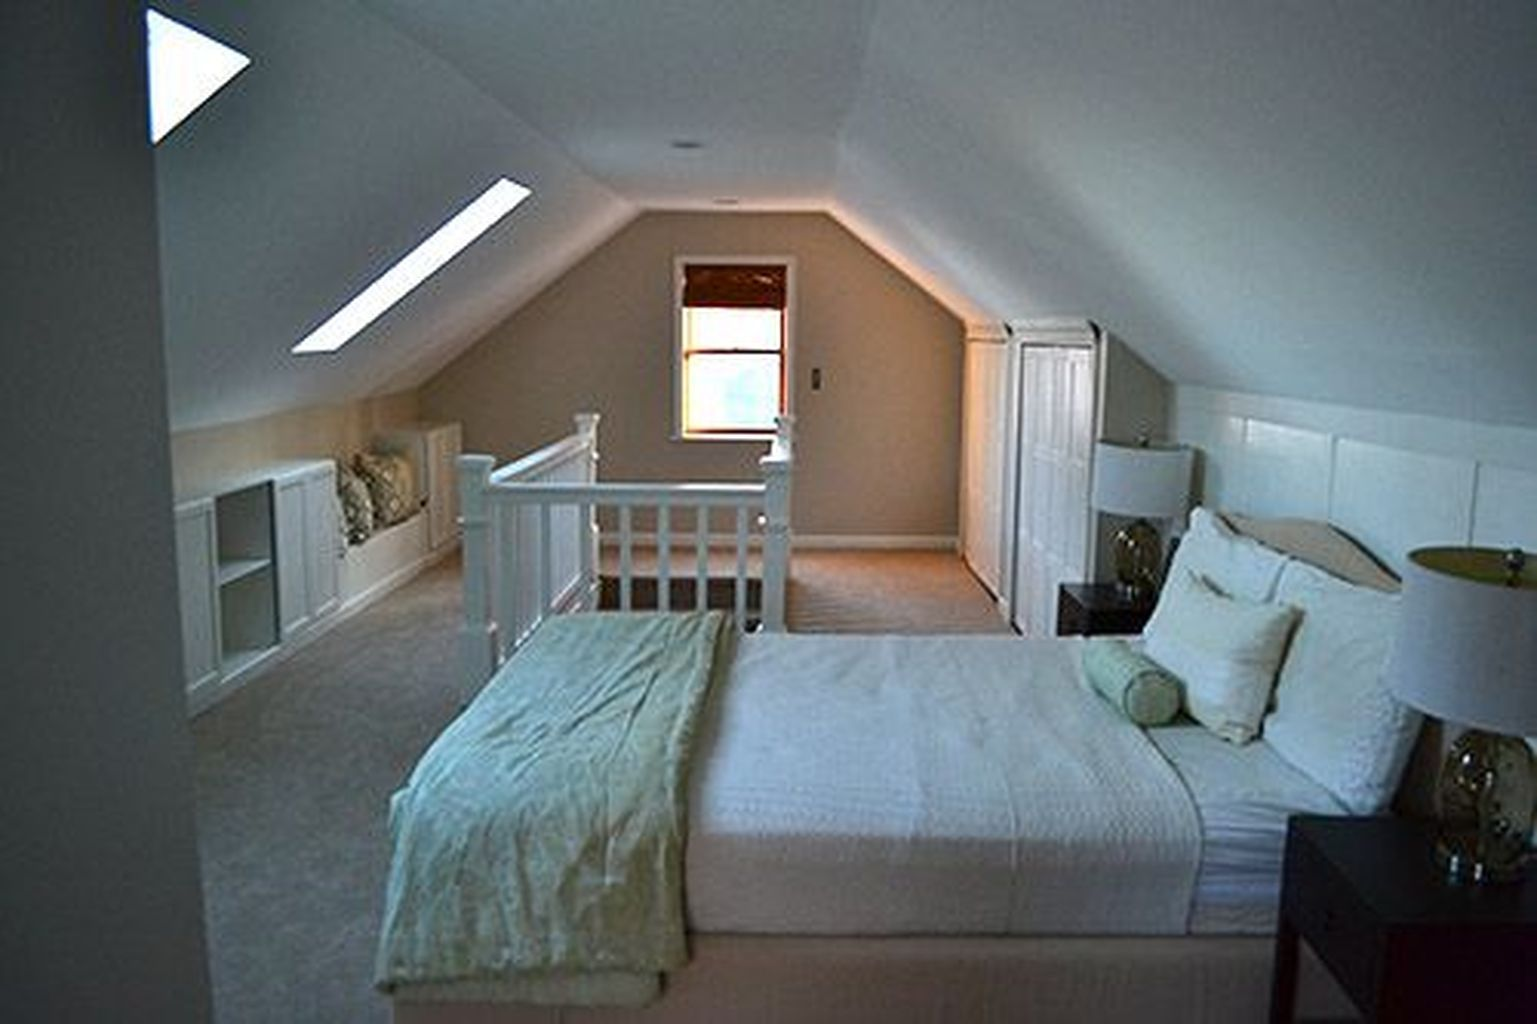 60+ Attic Master Bedroom Inspiration 54 in 2020 Attic